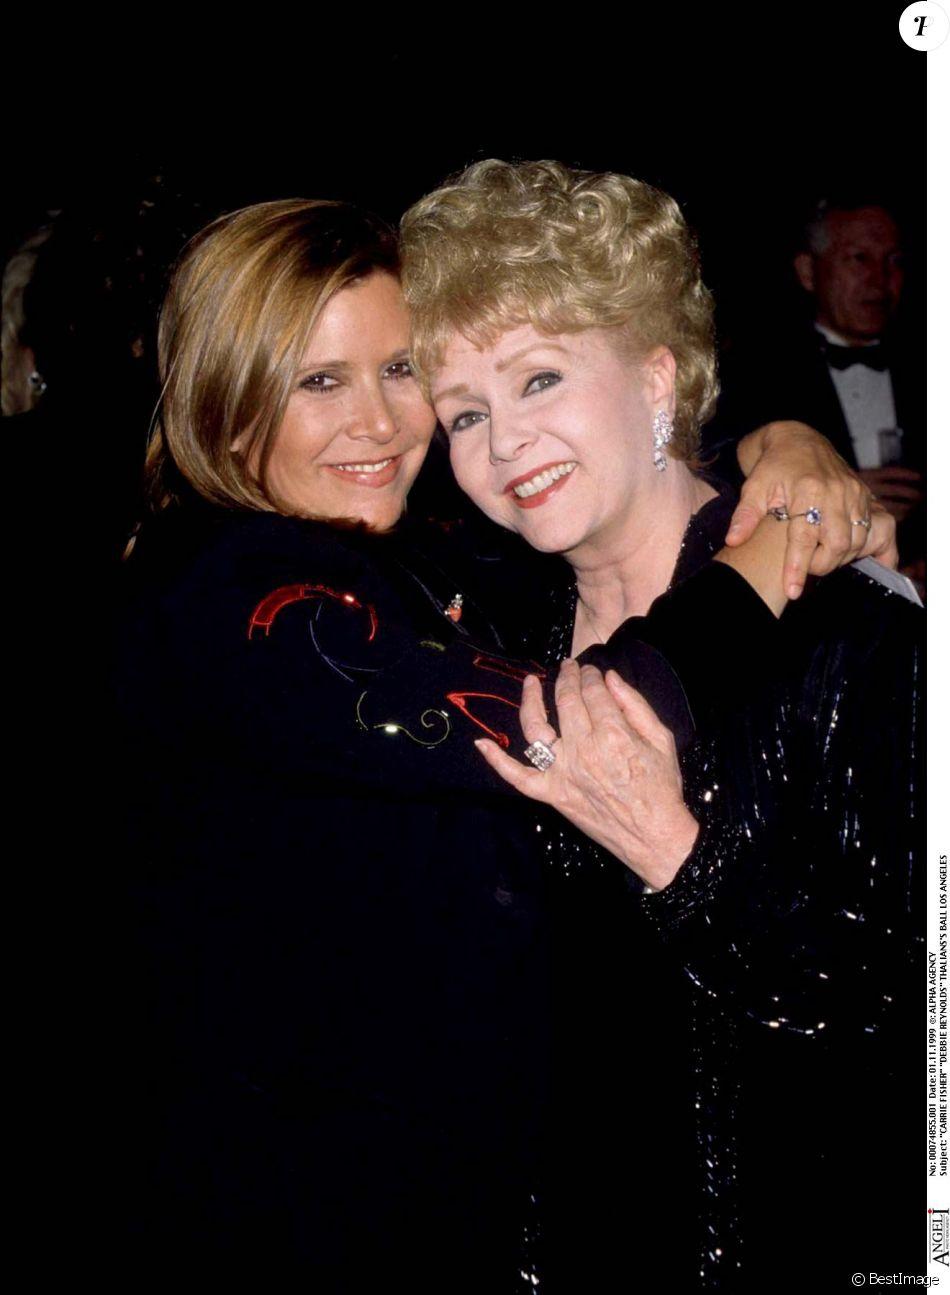 Carrie Fisher et Debbie Reynolds lors d'un gala à Los Angeles en 1999. L'actrice culte de Singin' in the Rain est morte à 84 ans le 28 décembre 2016, au lendemain de la mort de sa fille, interprète de la princesse Leia dans Star Wars.